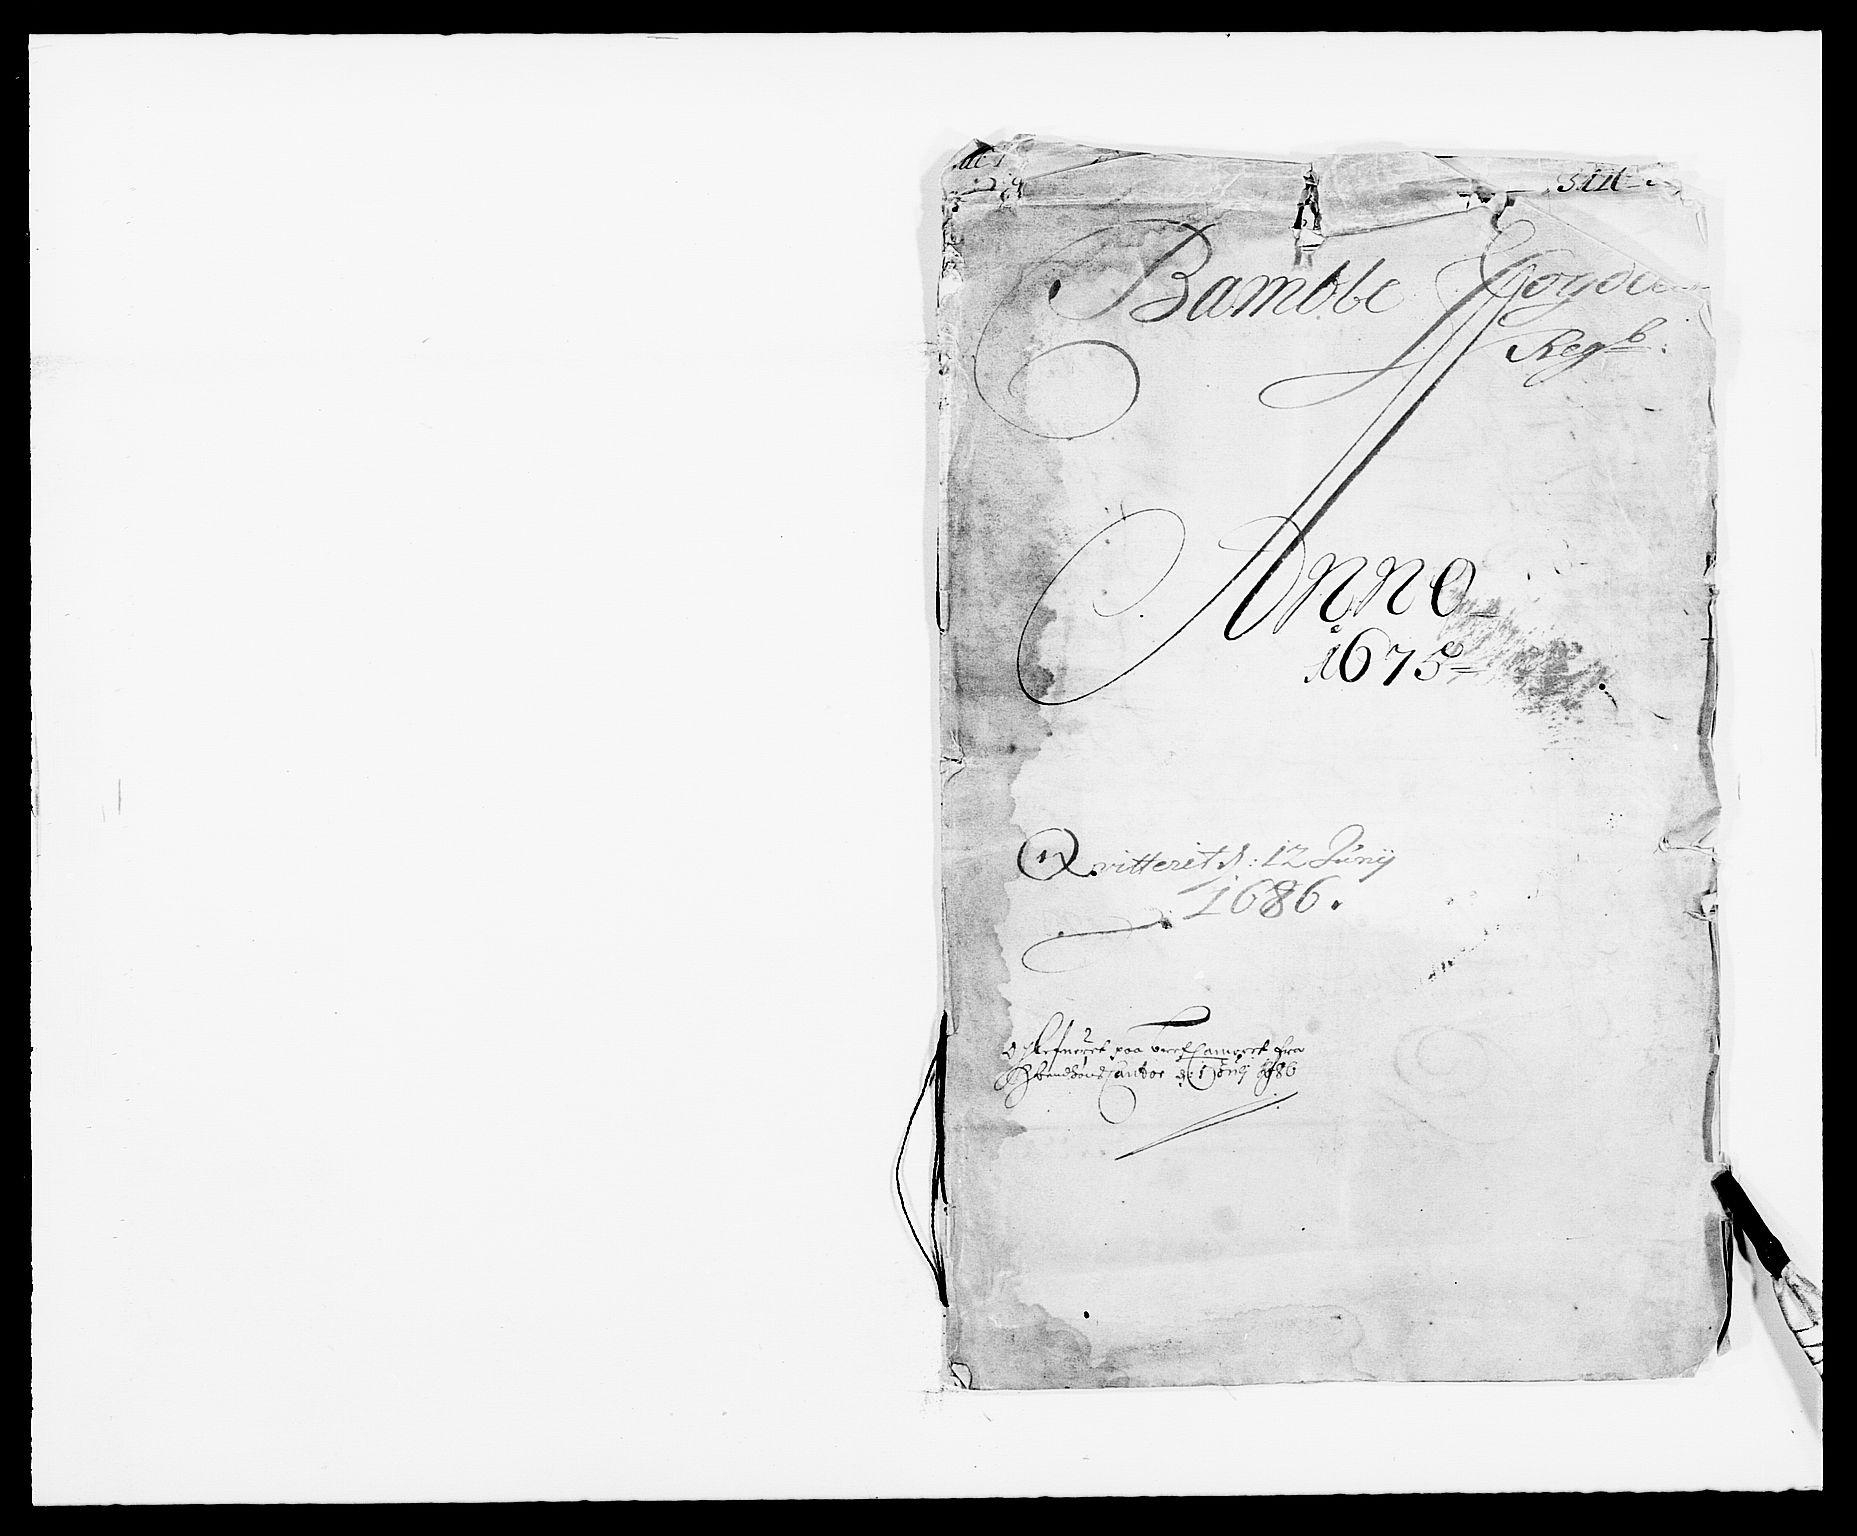 RA, Rentekammeret inntil 1814, Reviderte regnskaper, Fogderegnskap, R34/L2042: Fogderegnskap Bamble, 1673-1675, s. 277